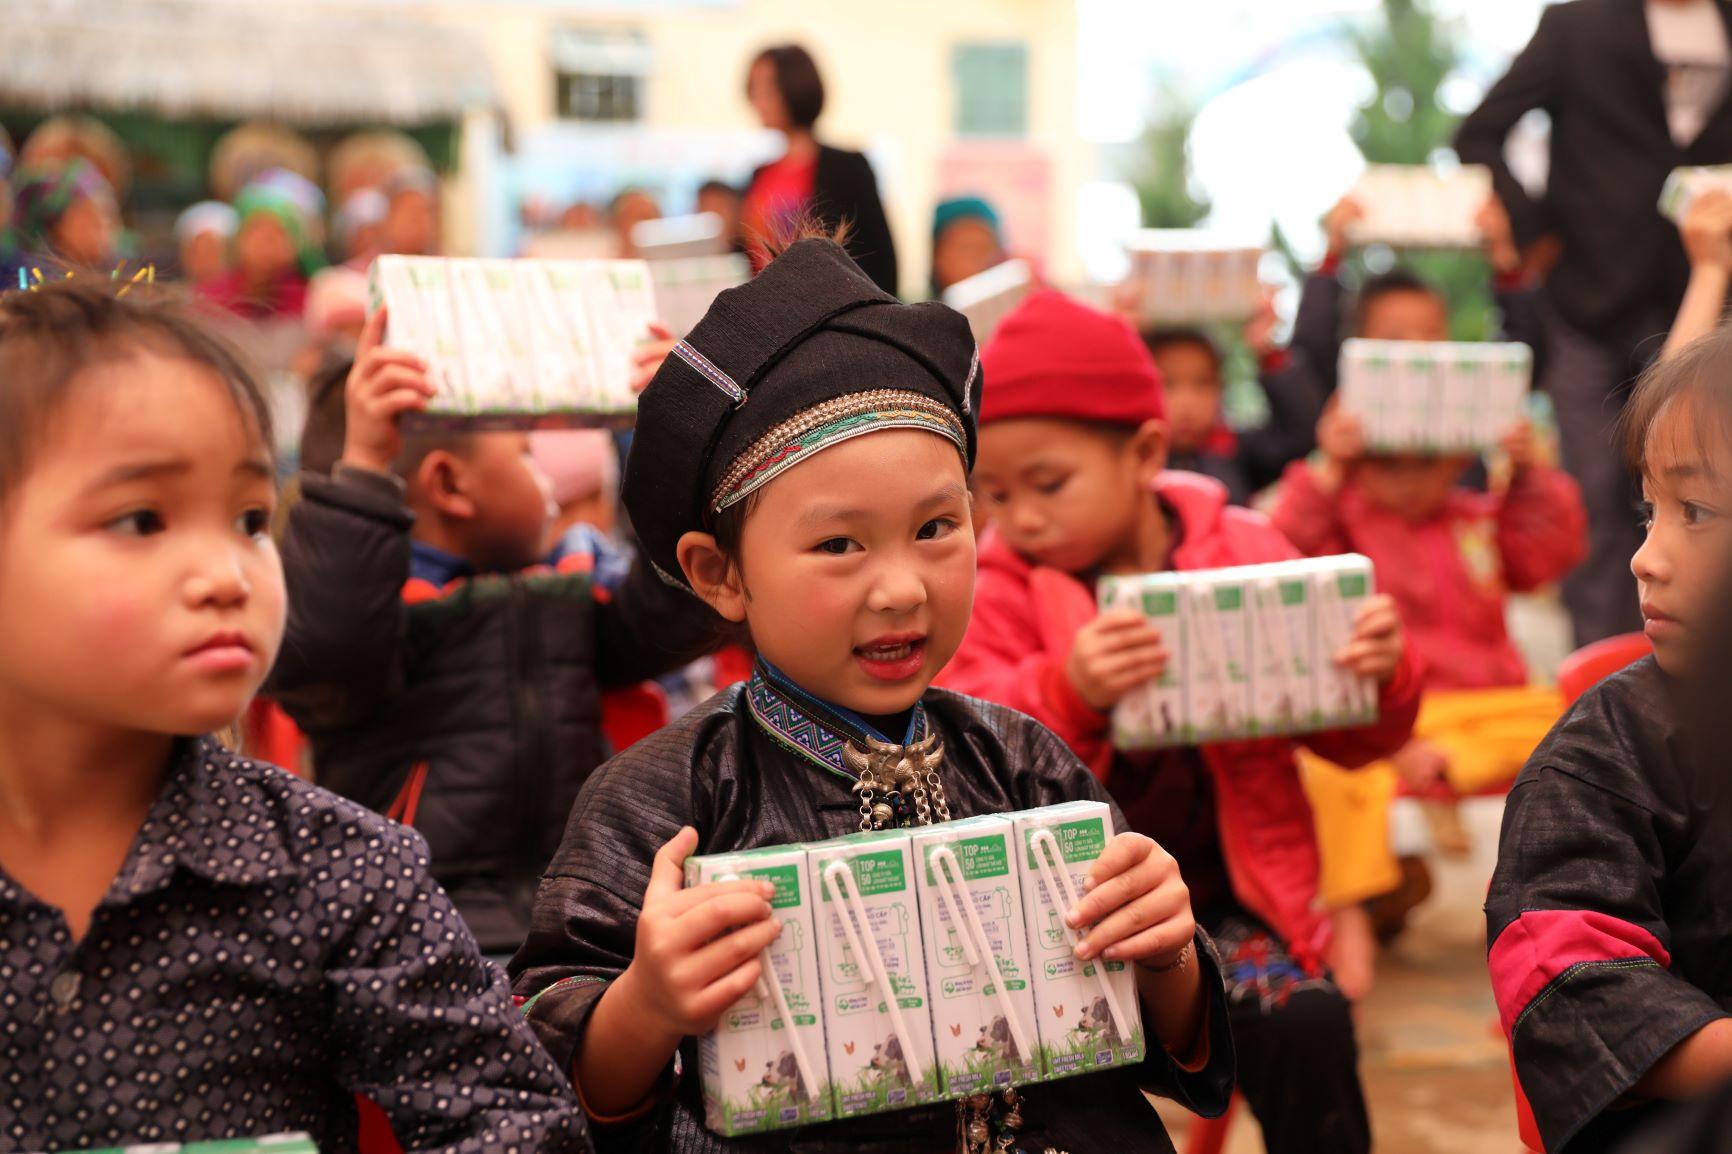 Đến trường với niềm vui uống sữa của trẻ vùng cao Hà Giang đã không còn là ước mơ 1